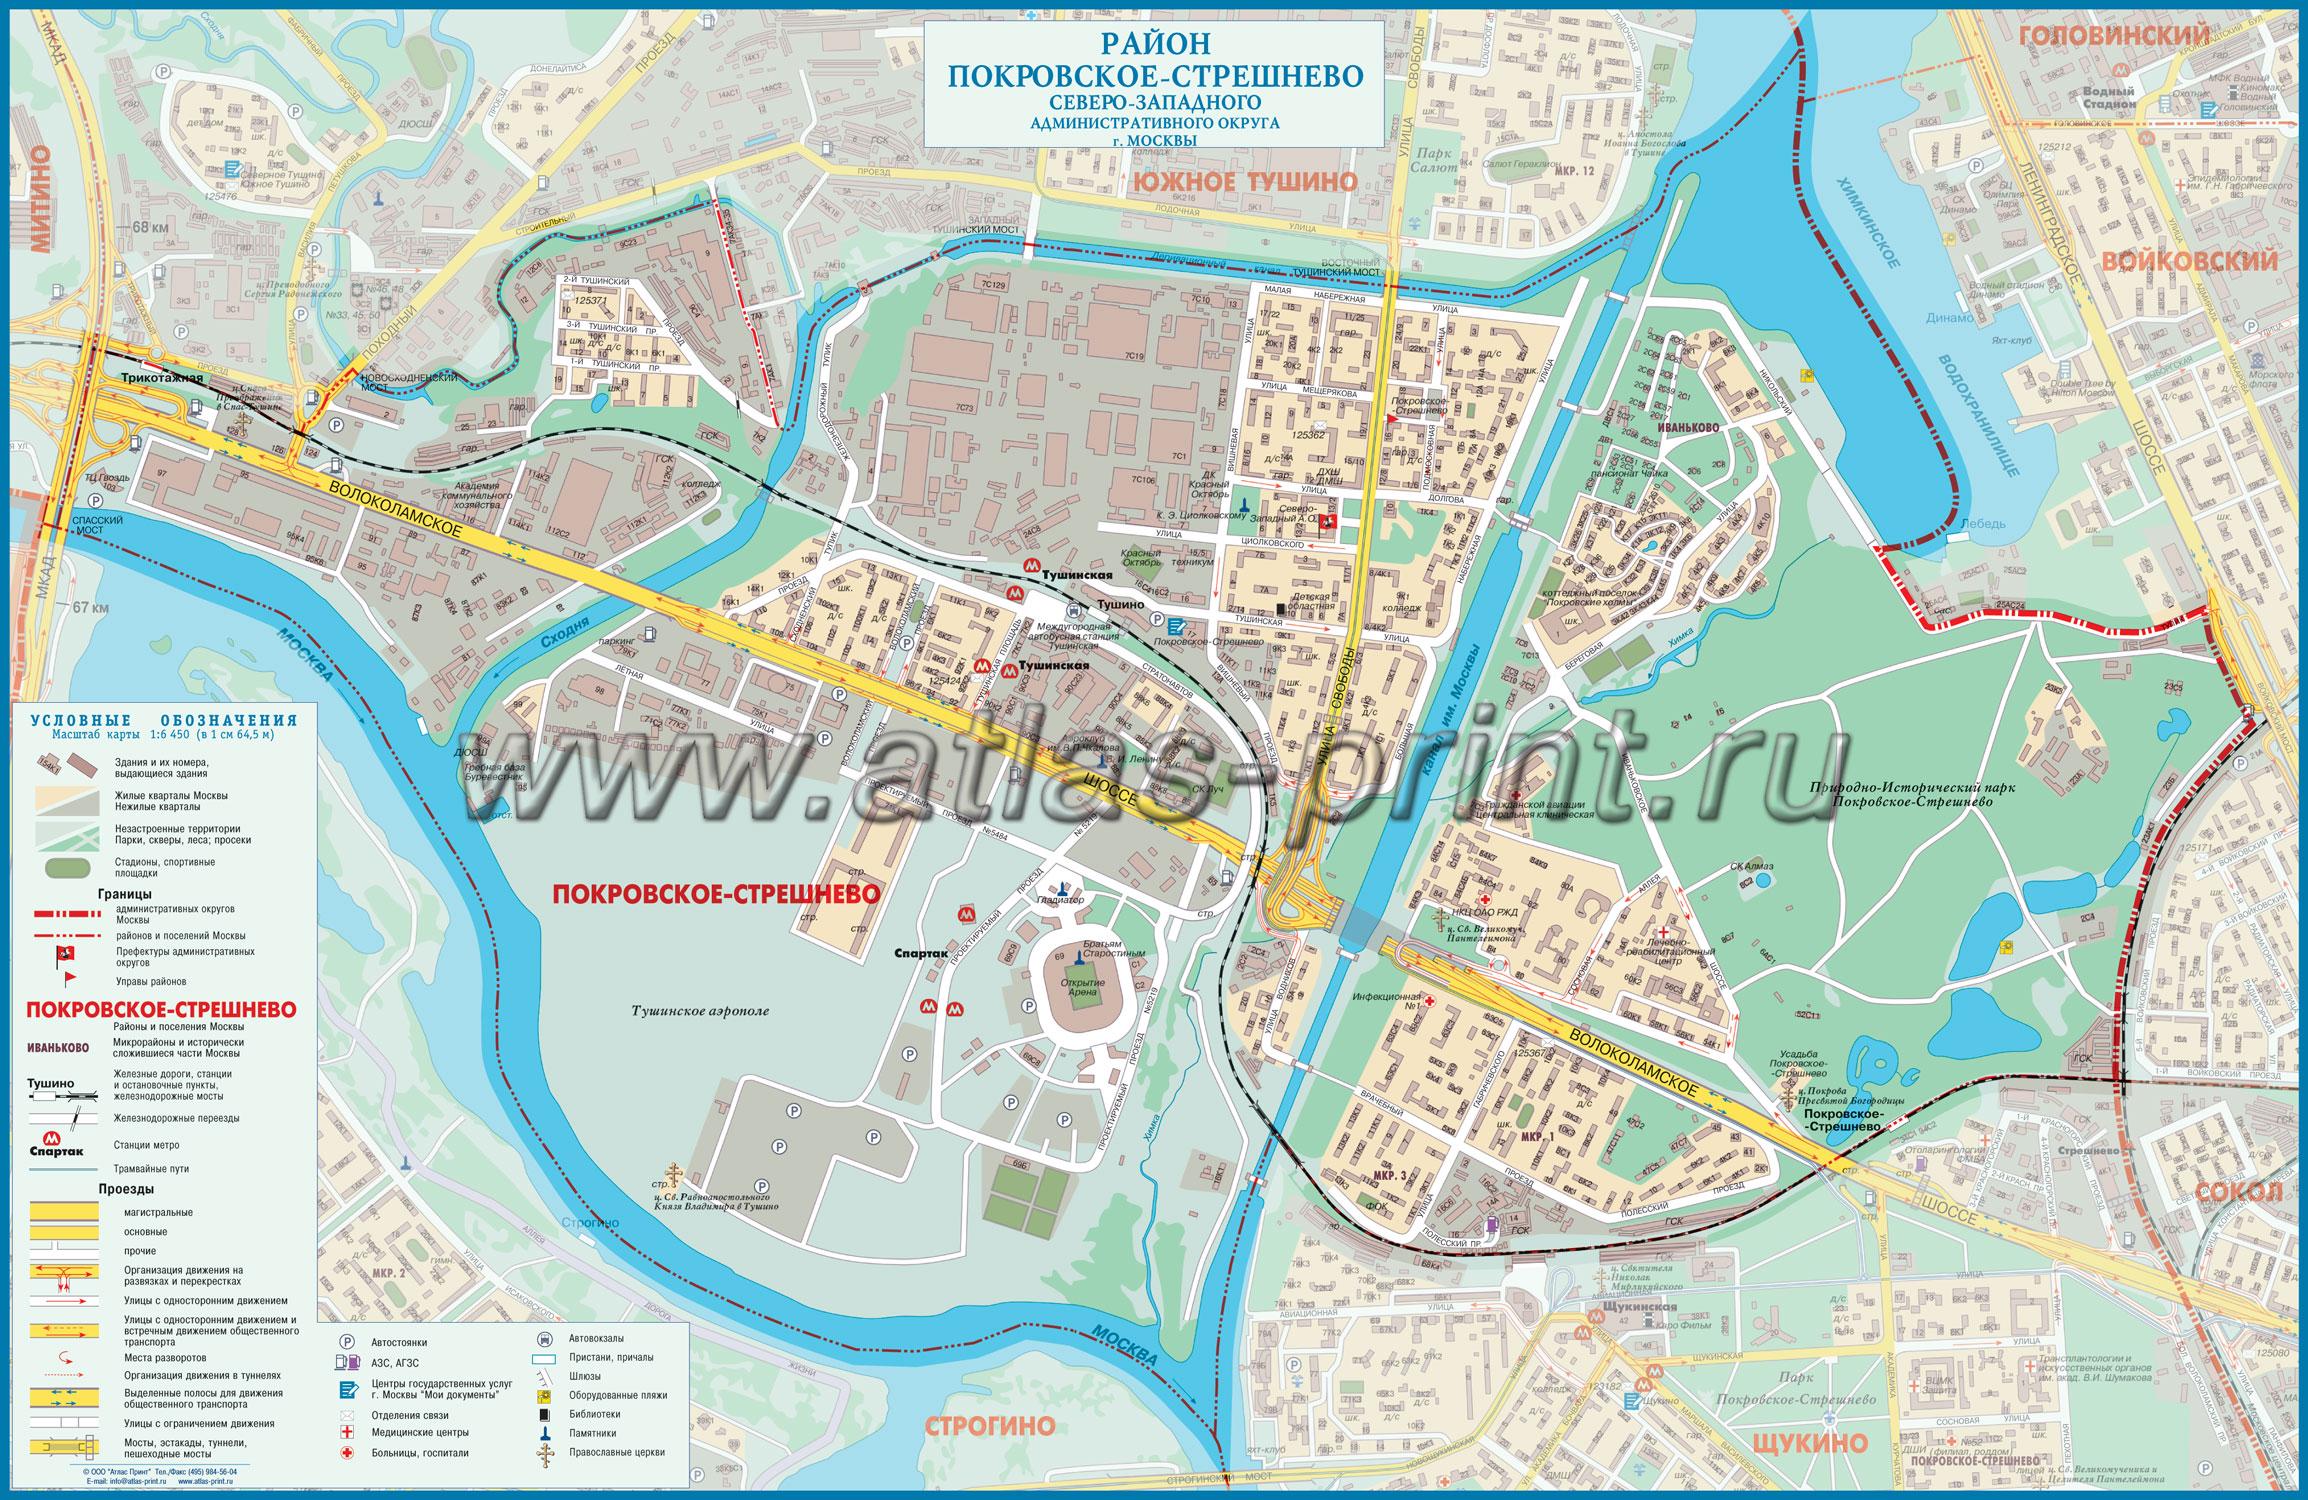 Настенная карта района Покровское-Стрешнево г.Москвы 1,00*0,65м, ламинированная